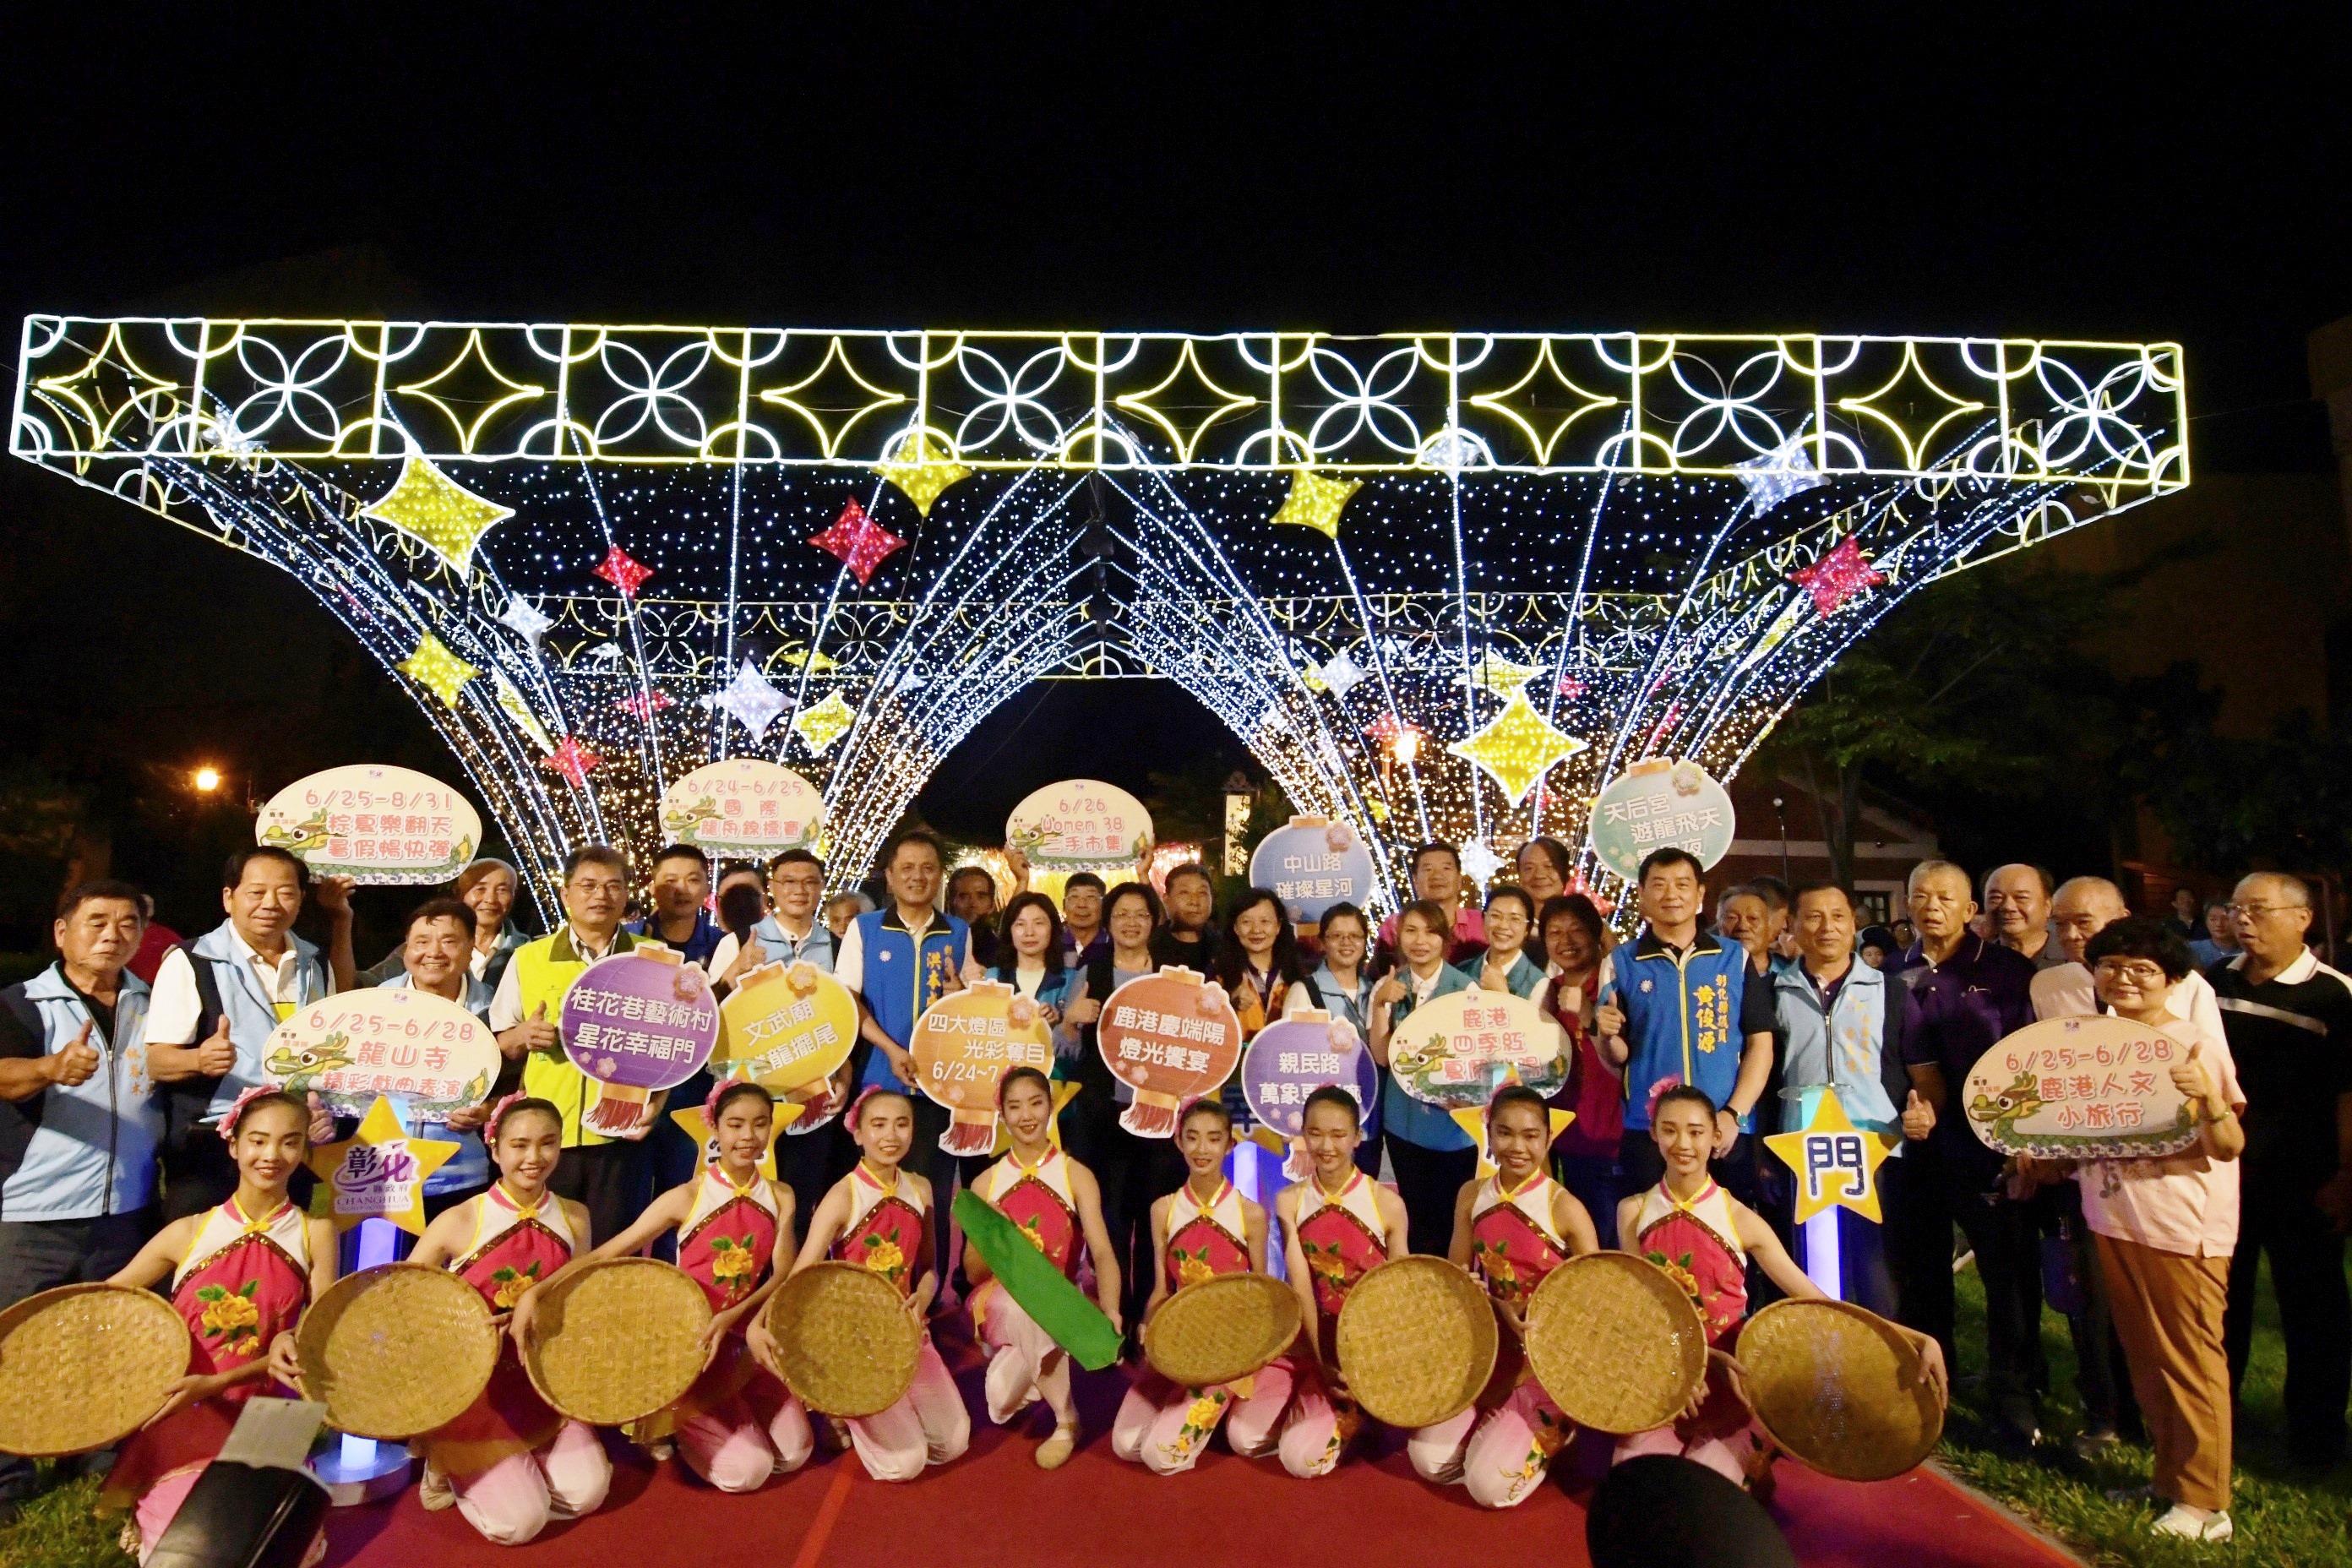 2020鹿港慶端陽  夜間燈光饗宴點燈亮起來